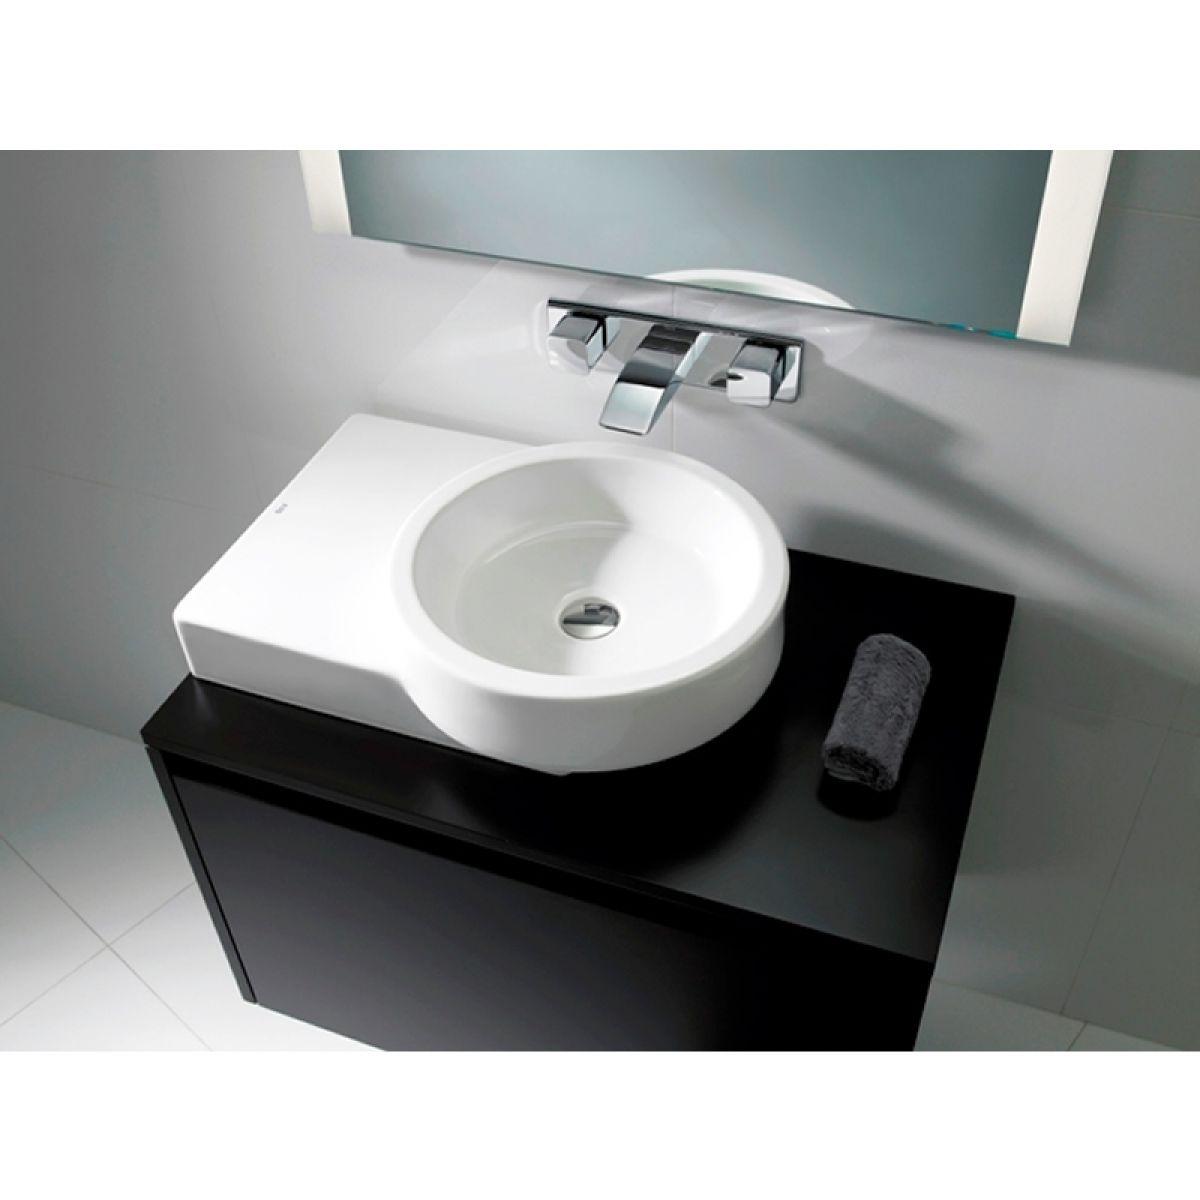 Roca Post Countertop Basin A32722r000 Uk Bathrooms